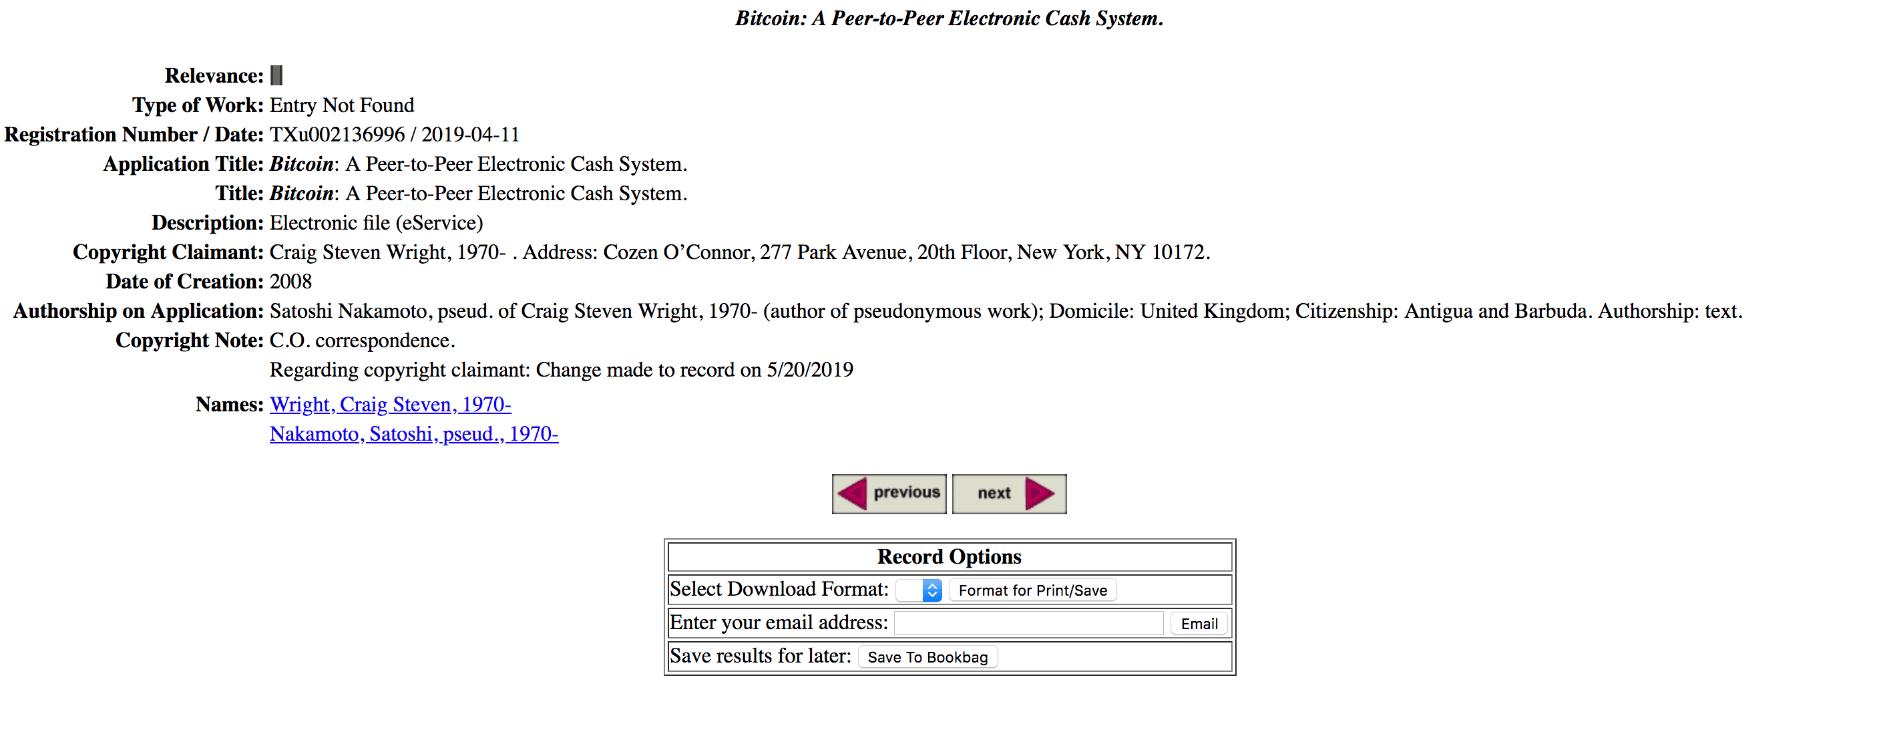 ارائه سوابق مالکیت بیت کوین در دادگاه توسط کریگ رایت